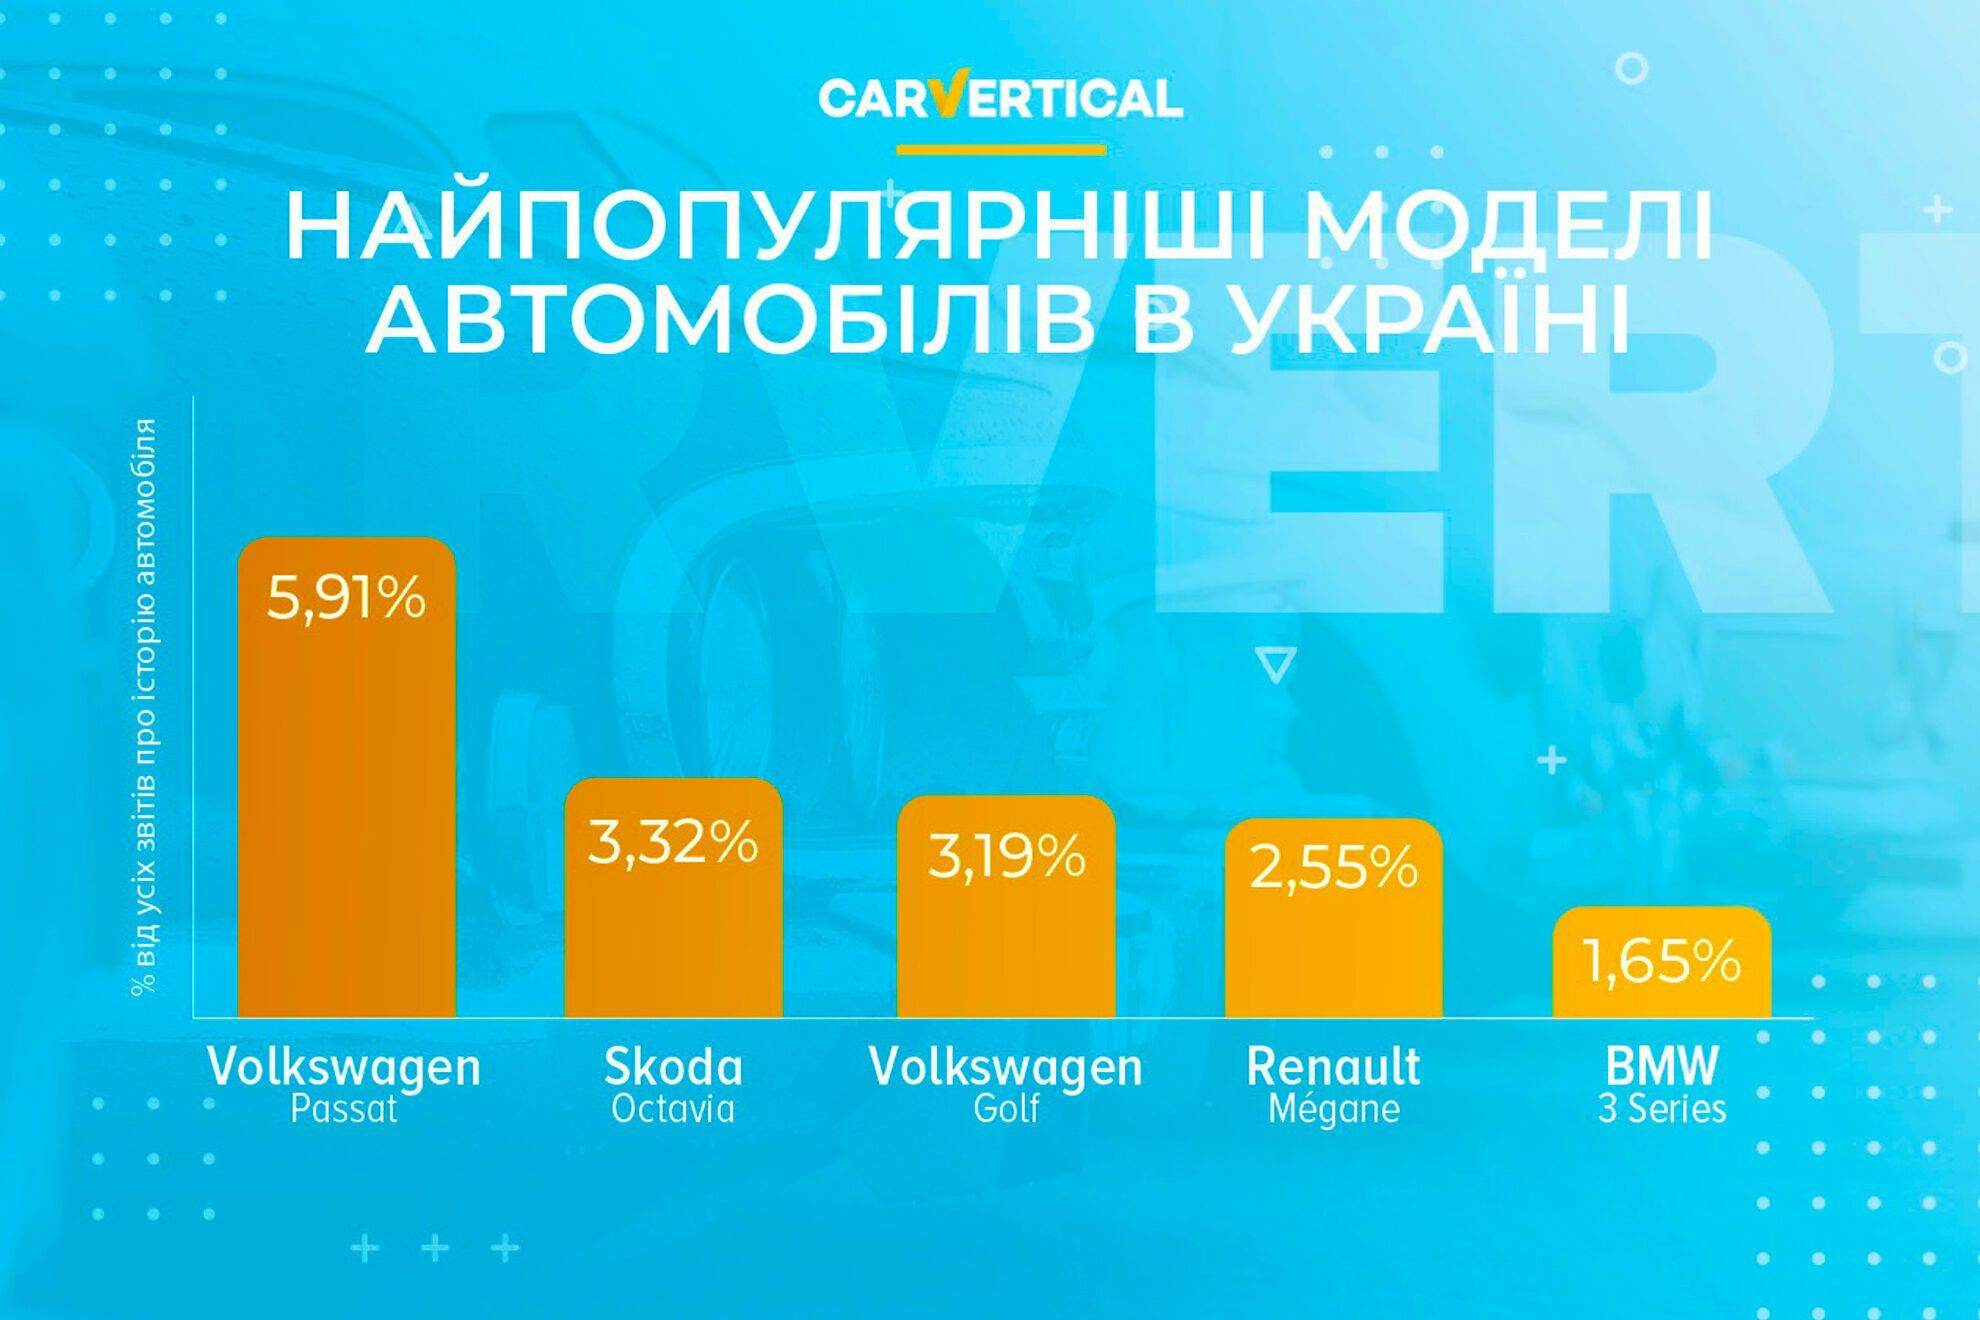 Рейтинг наиболее популярных автомобилей в Украине по данным анализа запросов пользователей carVertical